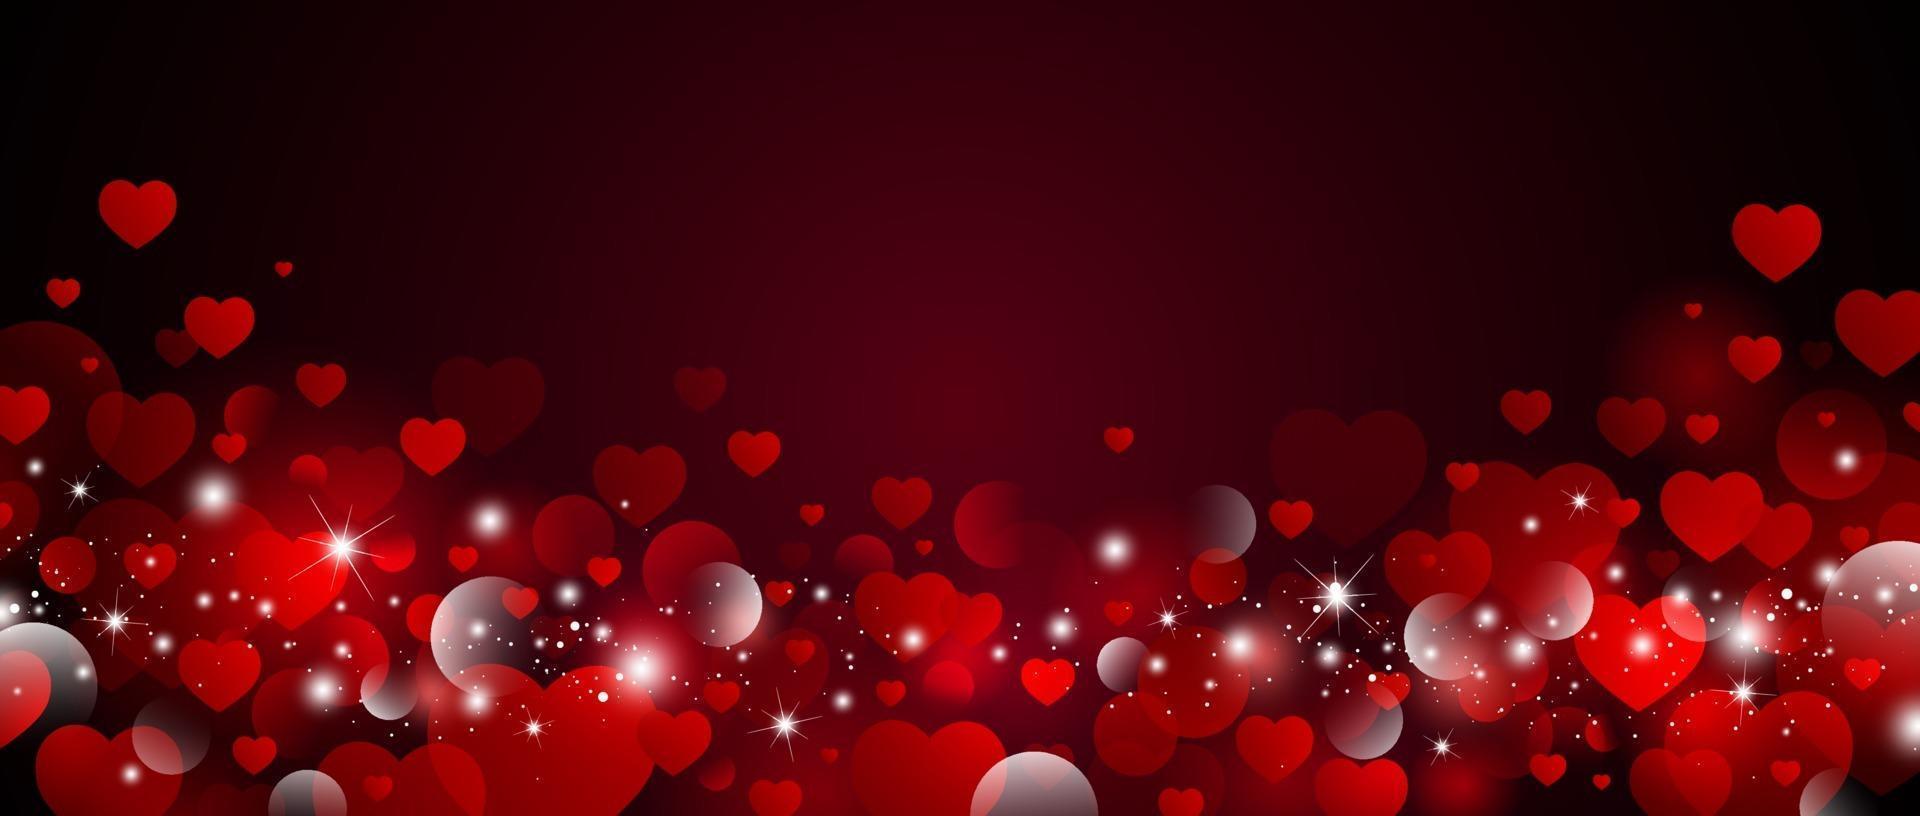 Valentinstag Hintergrund Design von roten Herzen mit Bokeh Licht Vektor-Illustration vektor